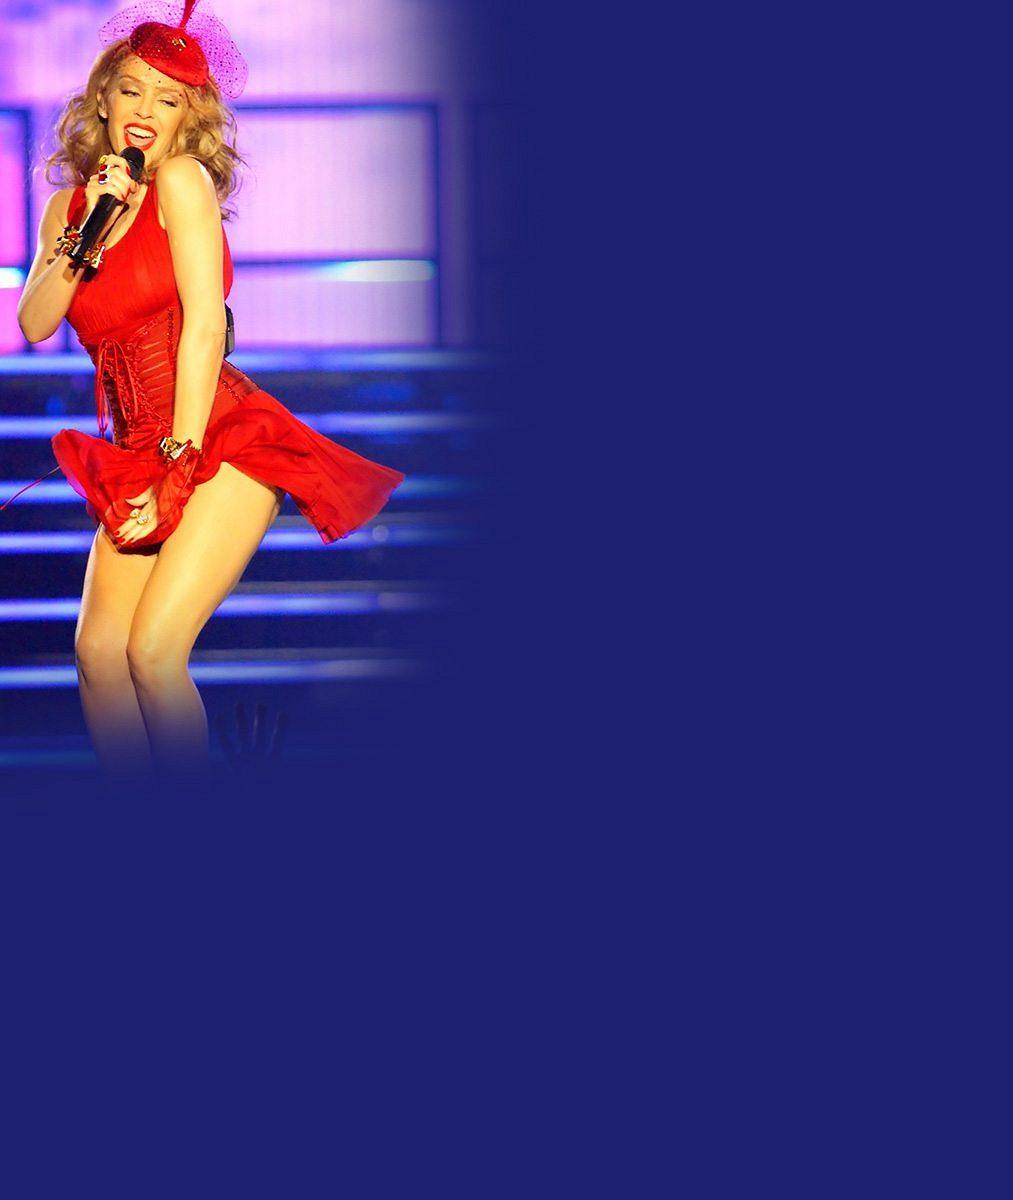 Chápete to? Tohle není žádná retuš, ale fotky z koncertu šestačtyřicetileté Kylie Minogue